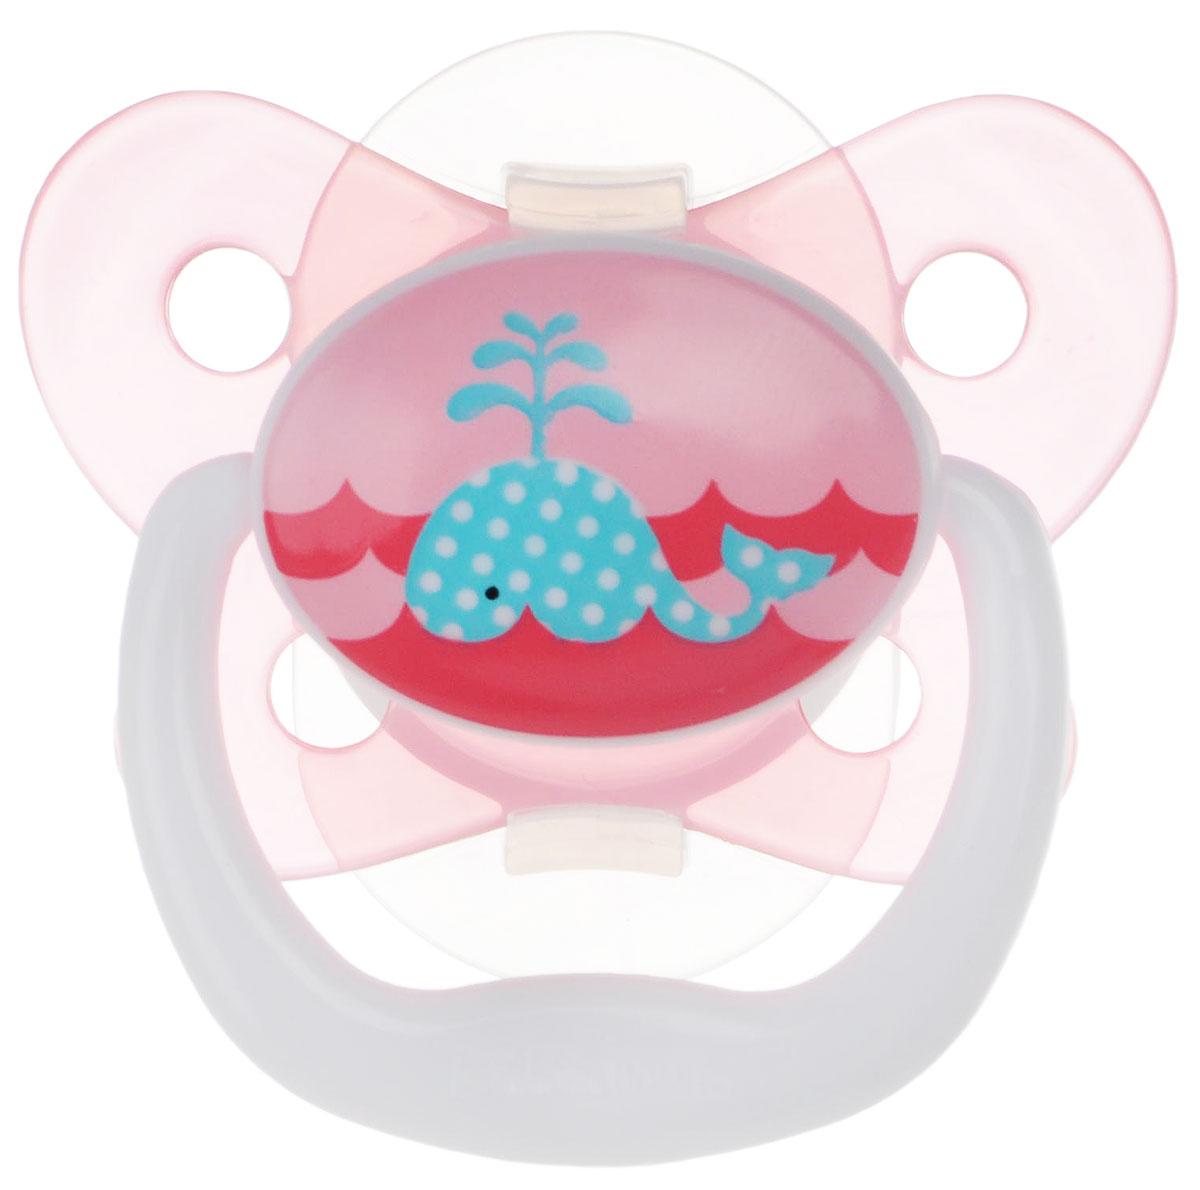 Dr. Brown's Пустышка PreVent Бабочка Кит от 0 до 6 месяцев цвет розовый